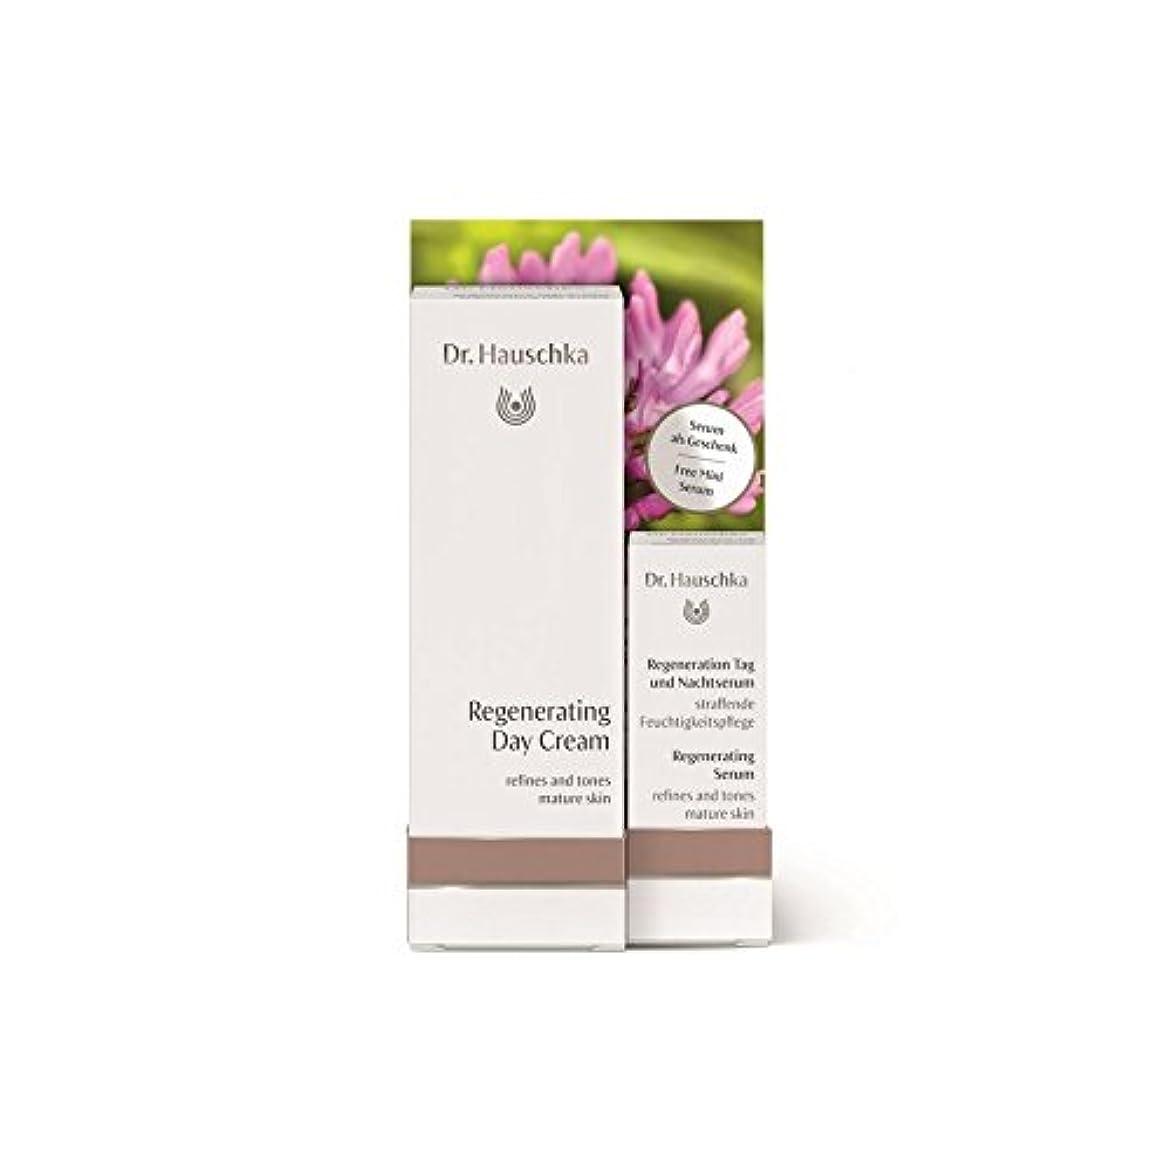 忘れるバルーン売り手無料再生血清2.5ミリリットルとハウシュカ再生デイクリーム x4 - Dr. Hauschka Regenerating Day Cream with a free Regenerating Serum 2.5ml (Pack...